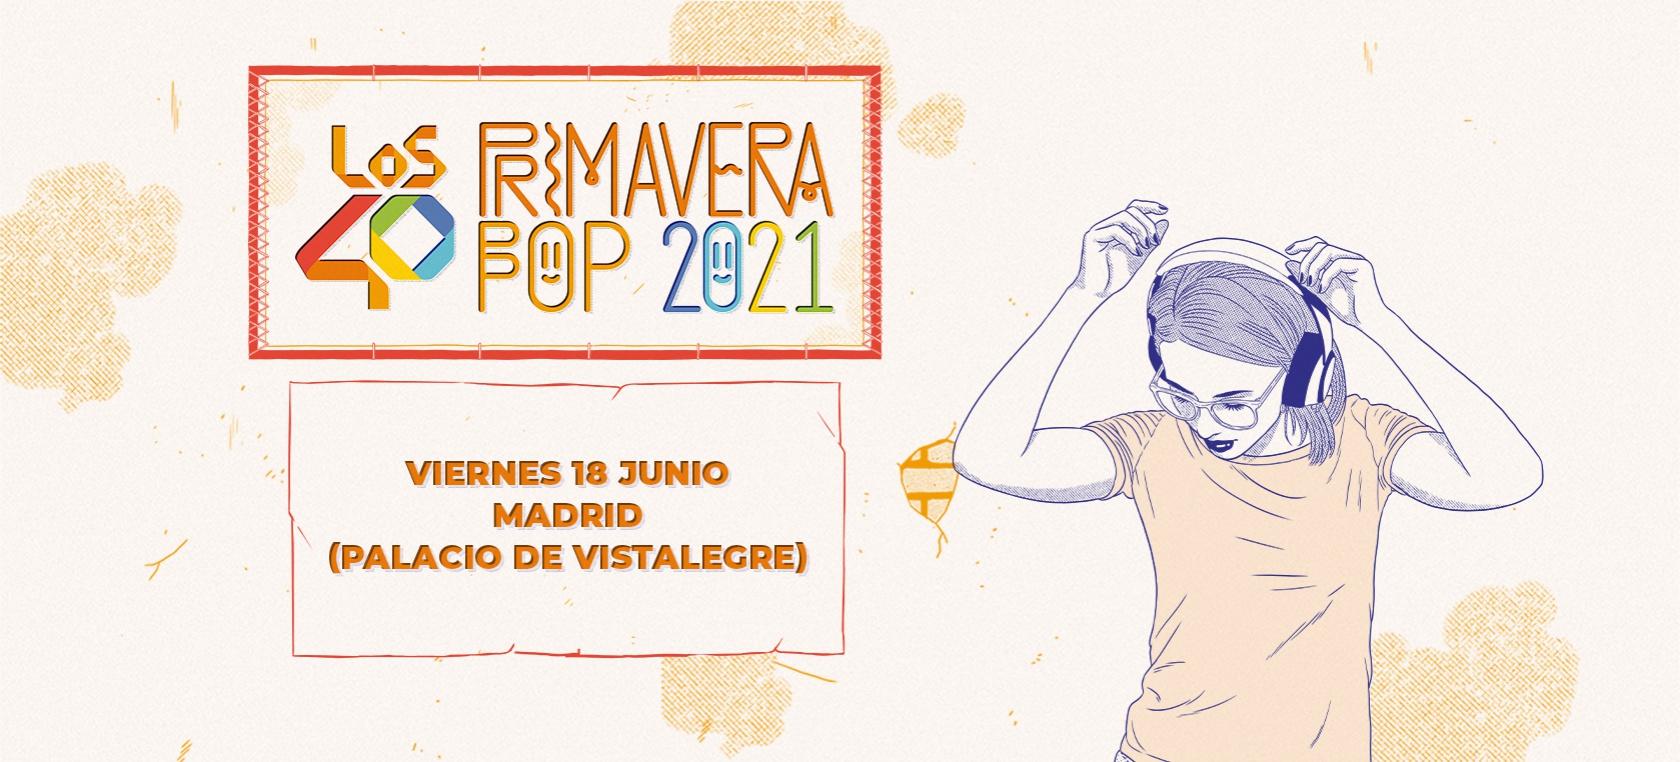 Llega LOS40 Primavera Pop 2021: música en directo, cultura segura y muchas sorpresas